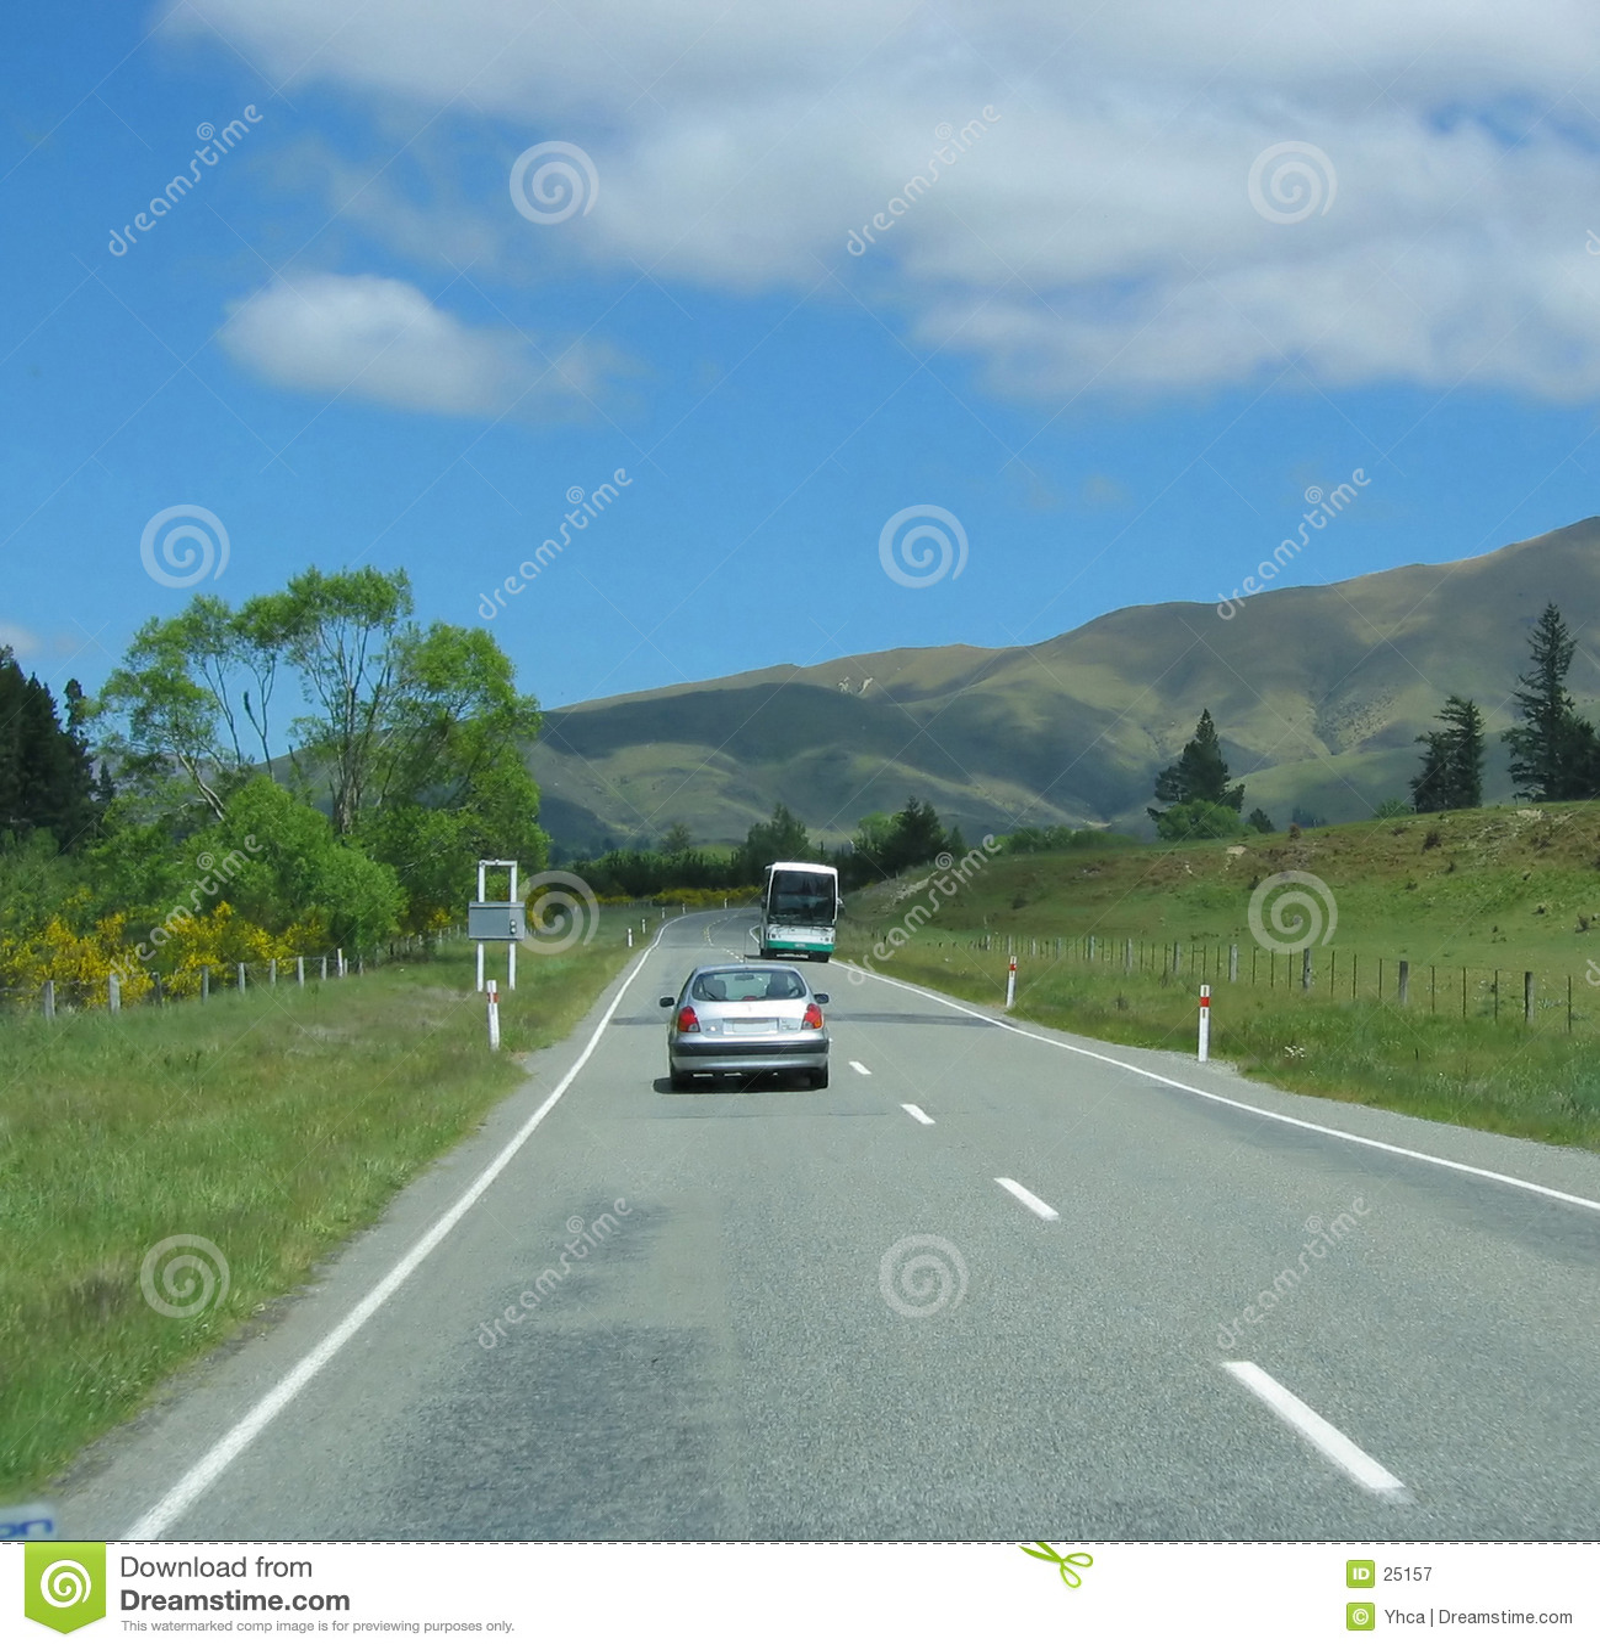 Nowy zeland highway pojazdów